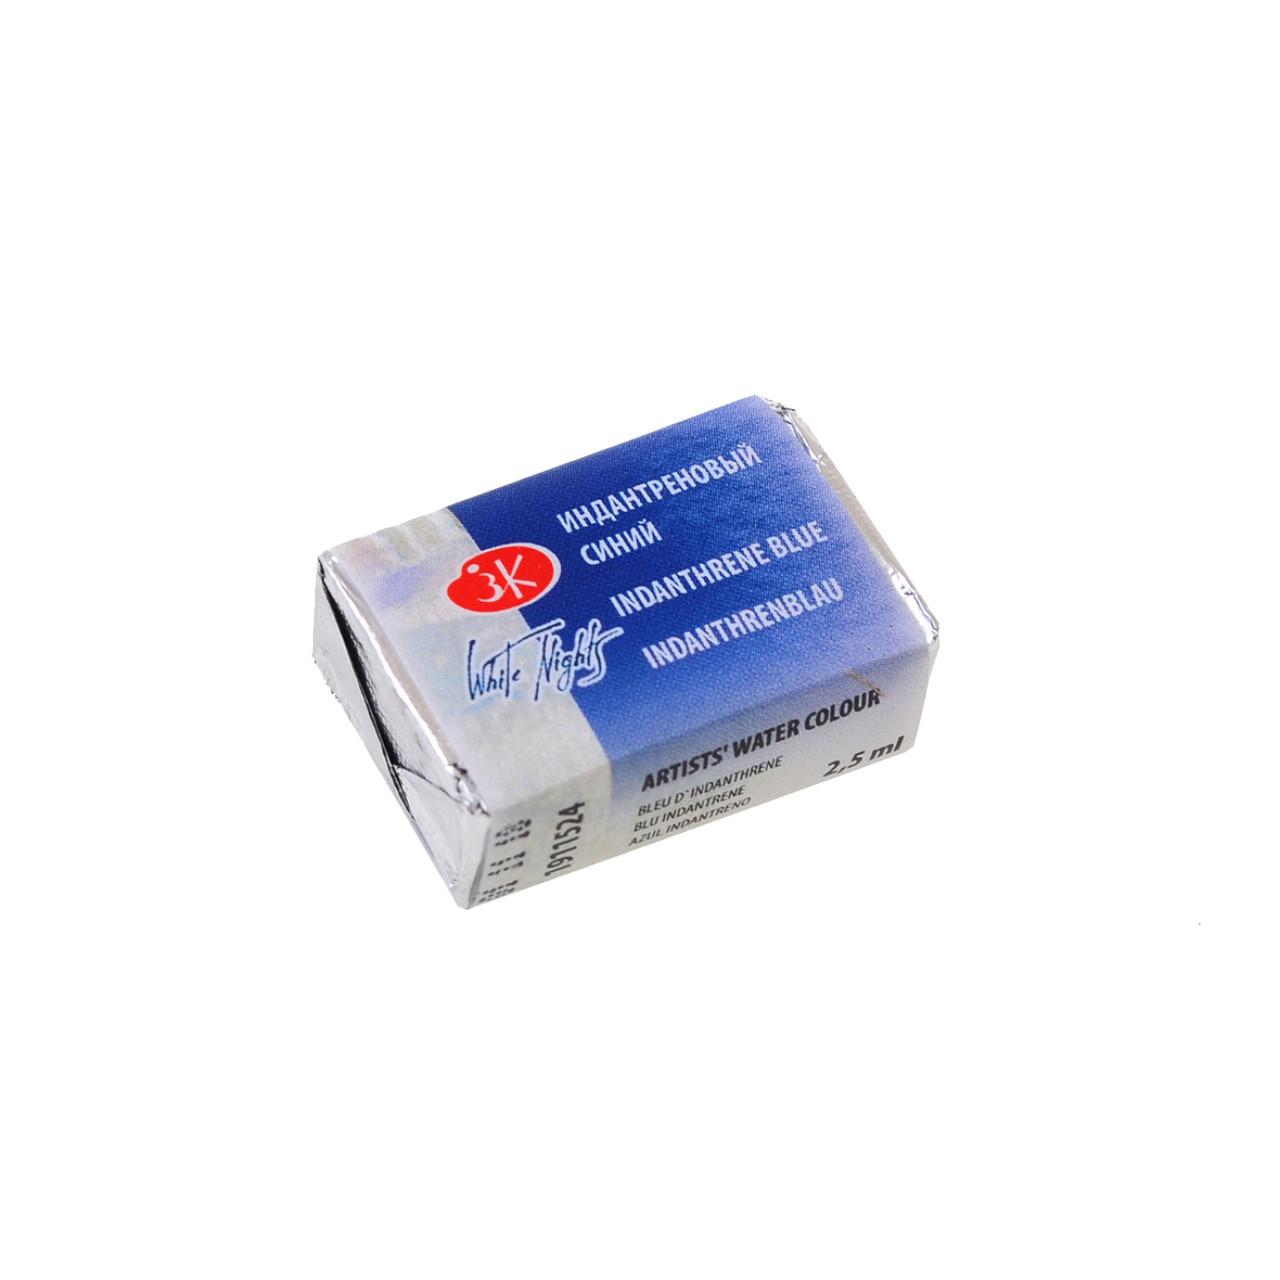 Краска акварельная КЮВЕТА, индантреновый синий, 2.5мл ЗХК